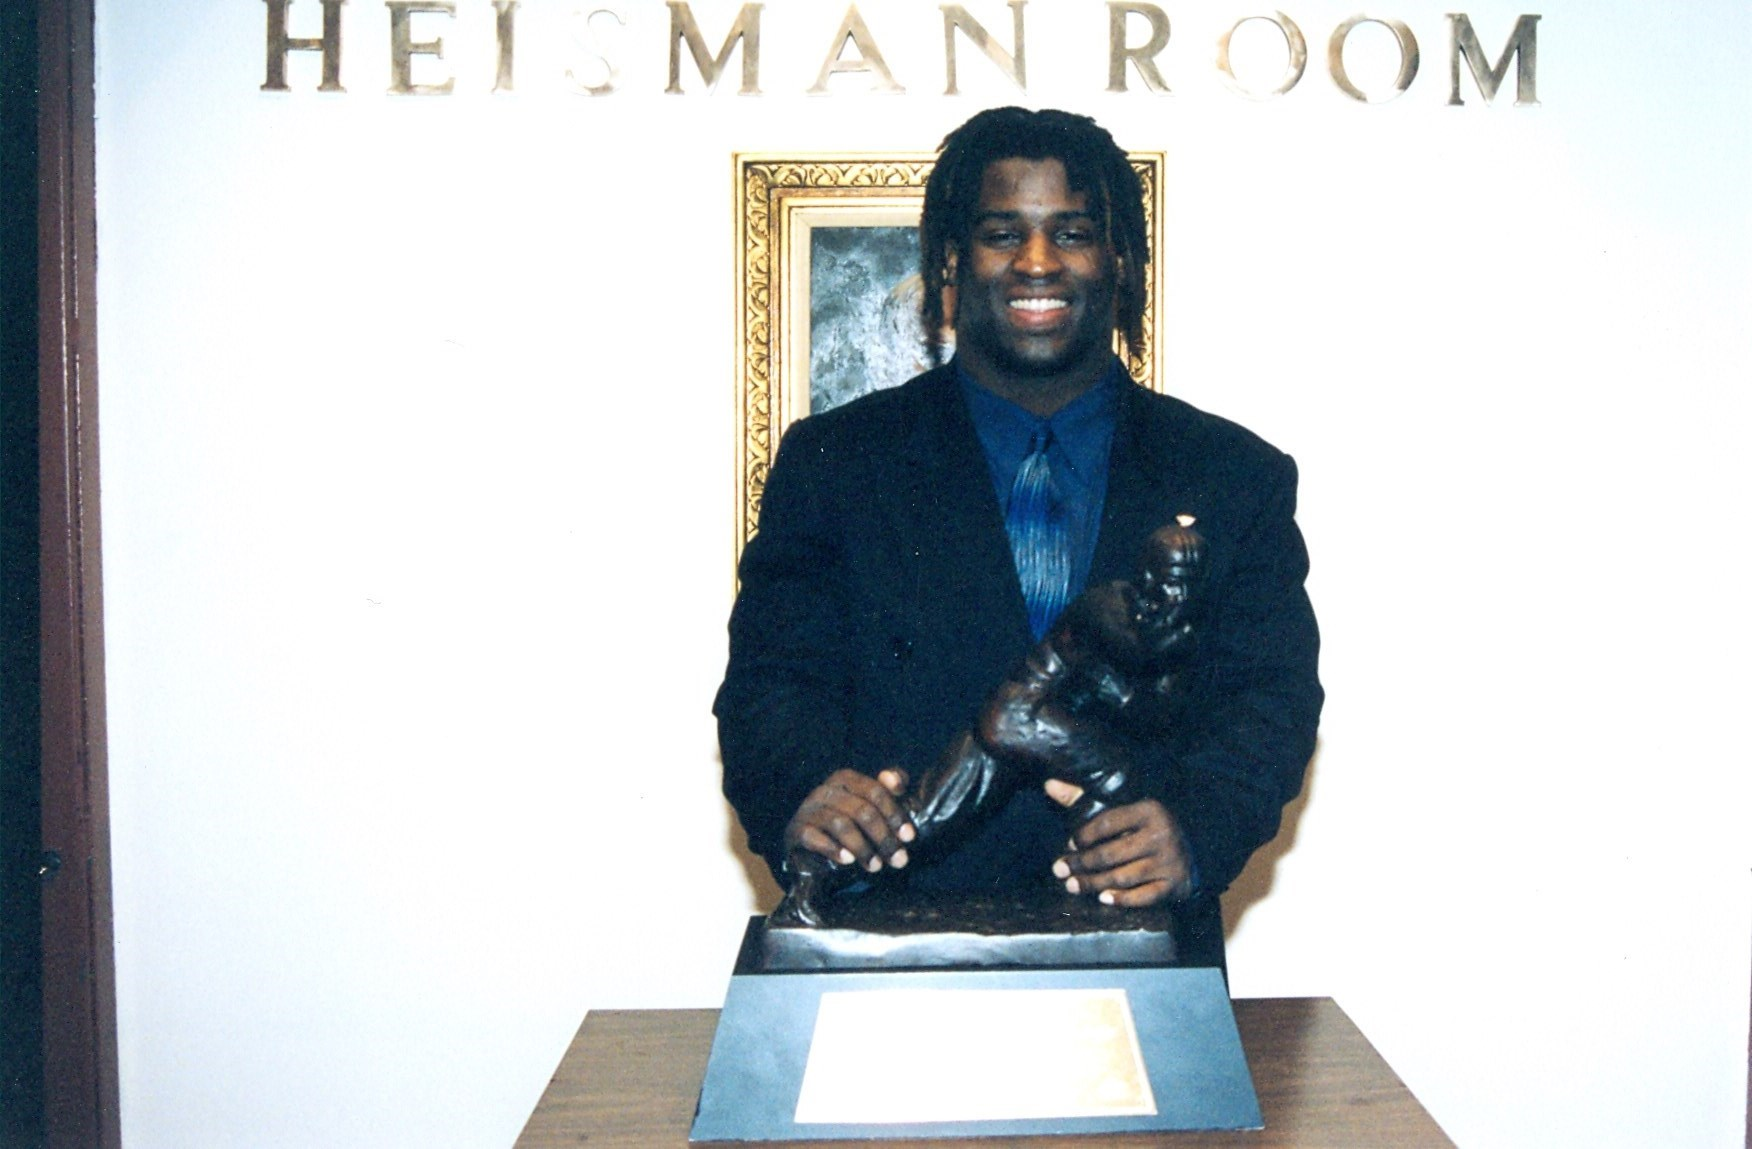 Ricky Williams 1998 Heisman Texas RB